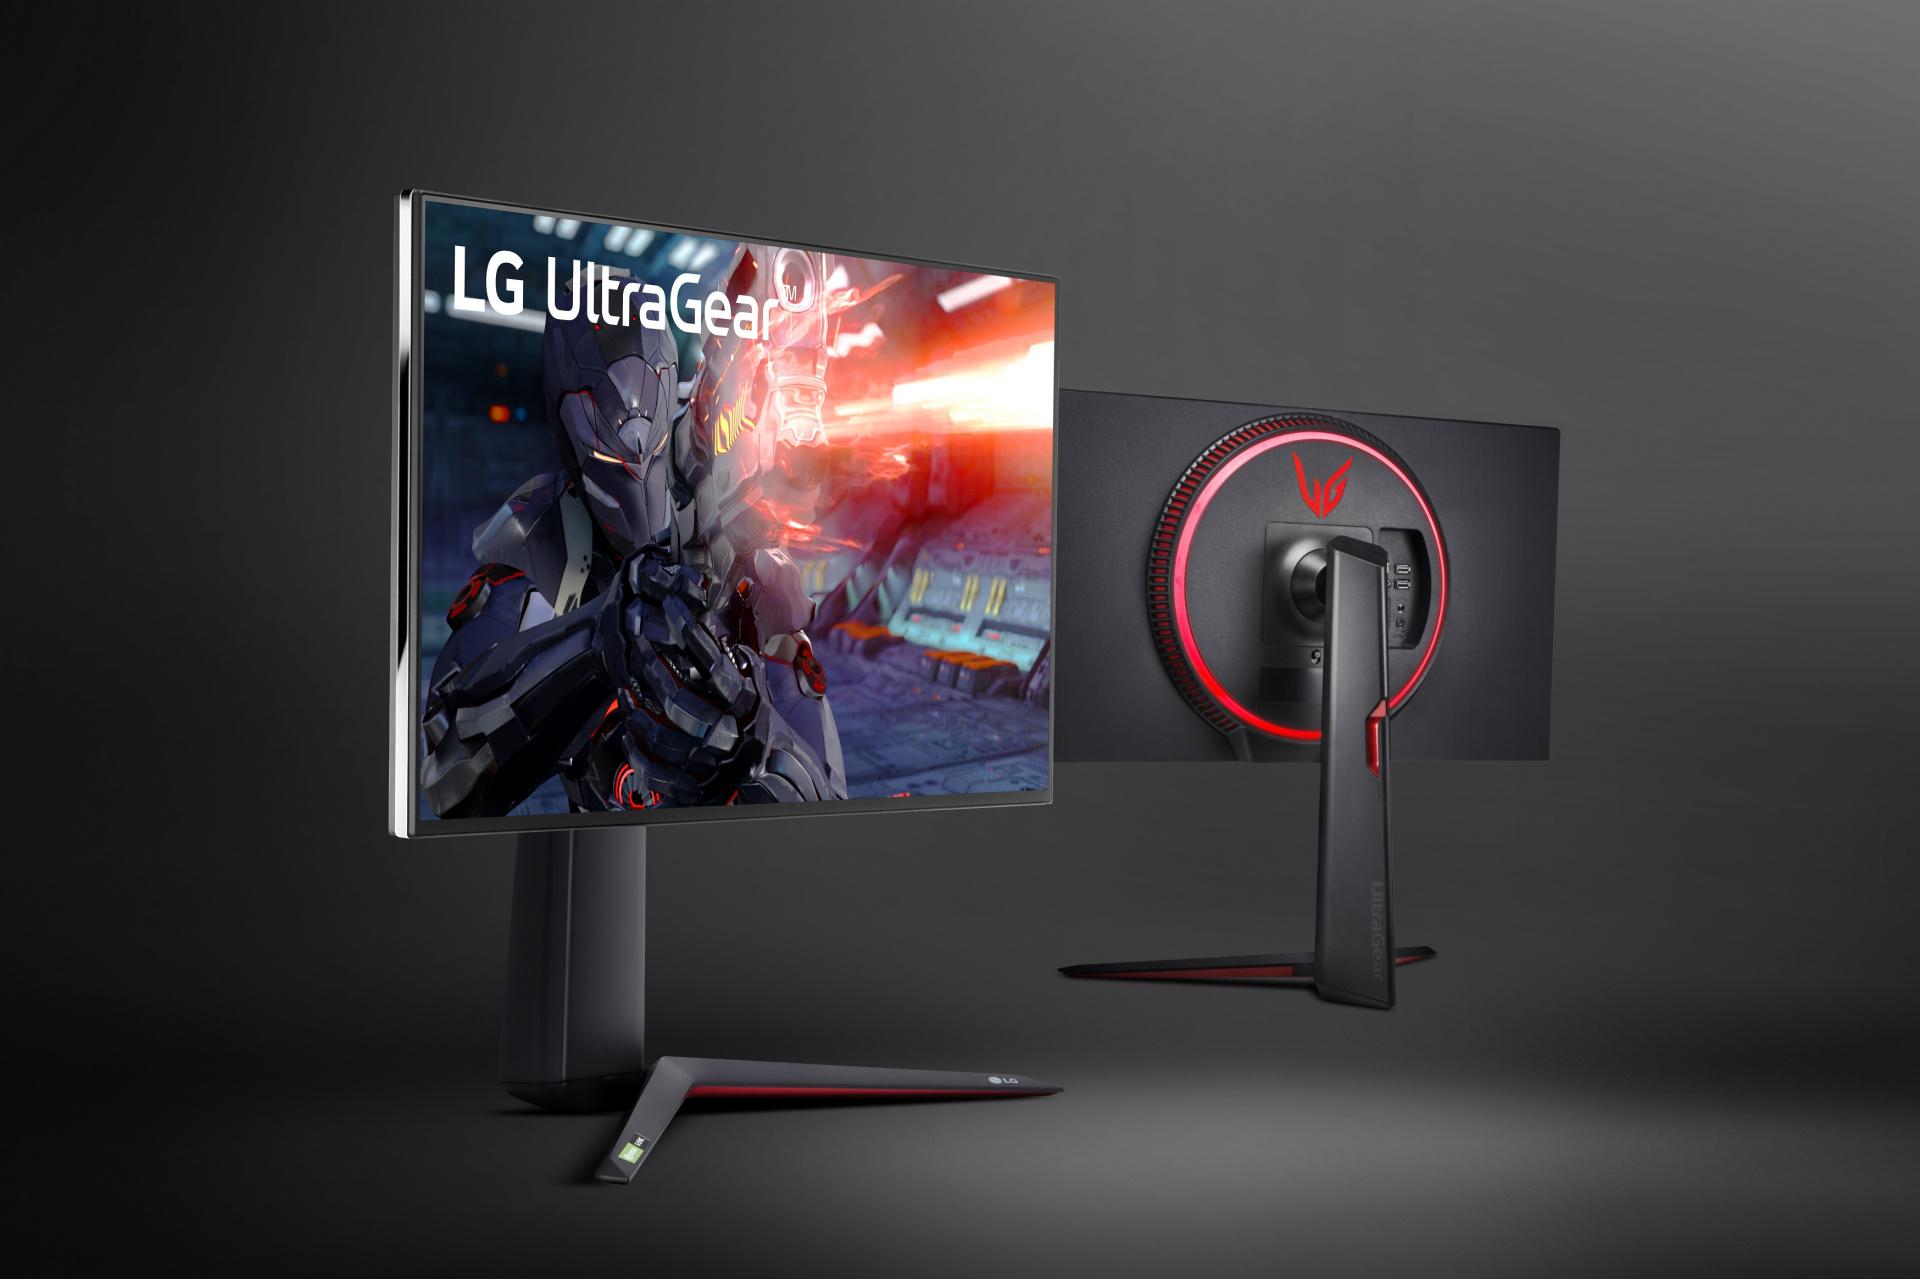 LG представила игровой монитор 4K IPS со временем отклика в1 мс